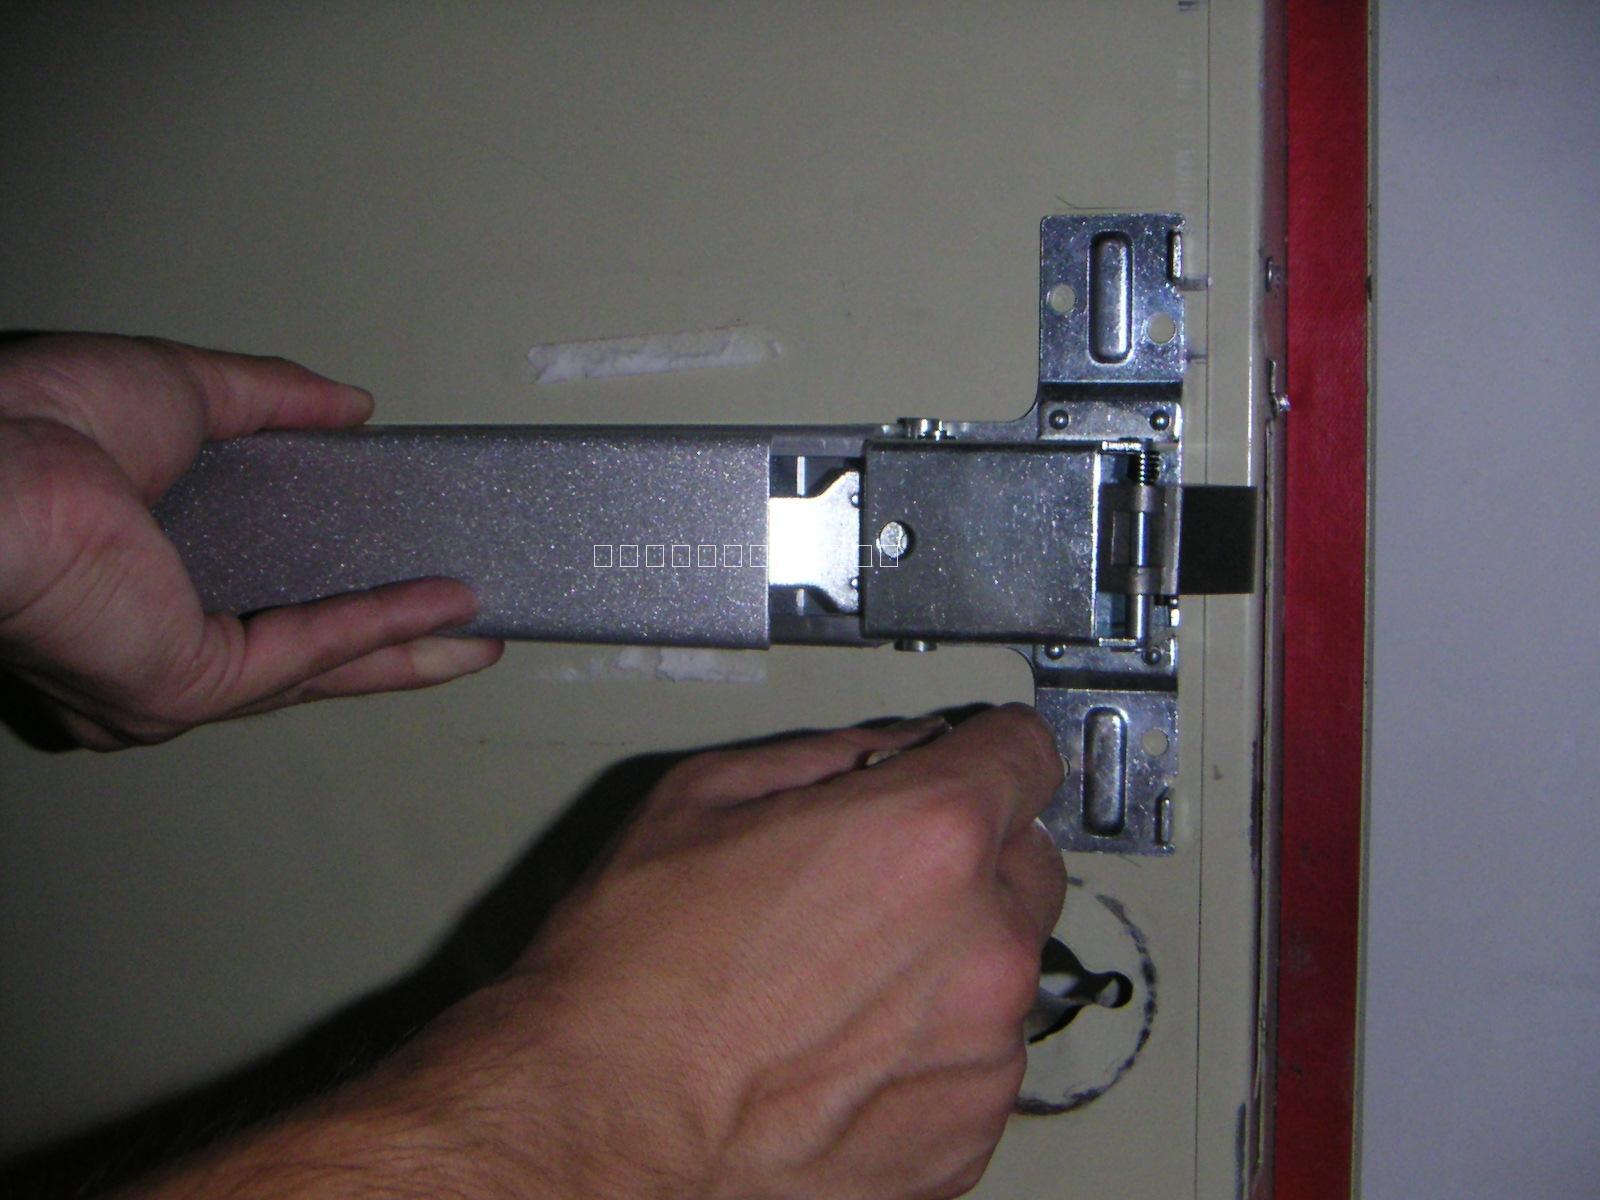 消防联动信号,装在门锁上的语音报警器就会发出